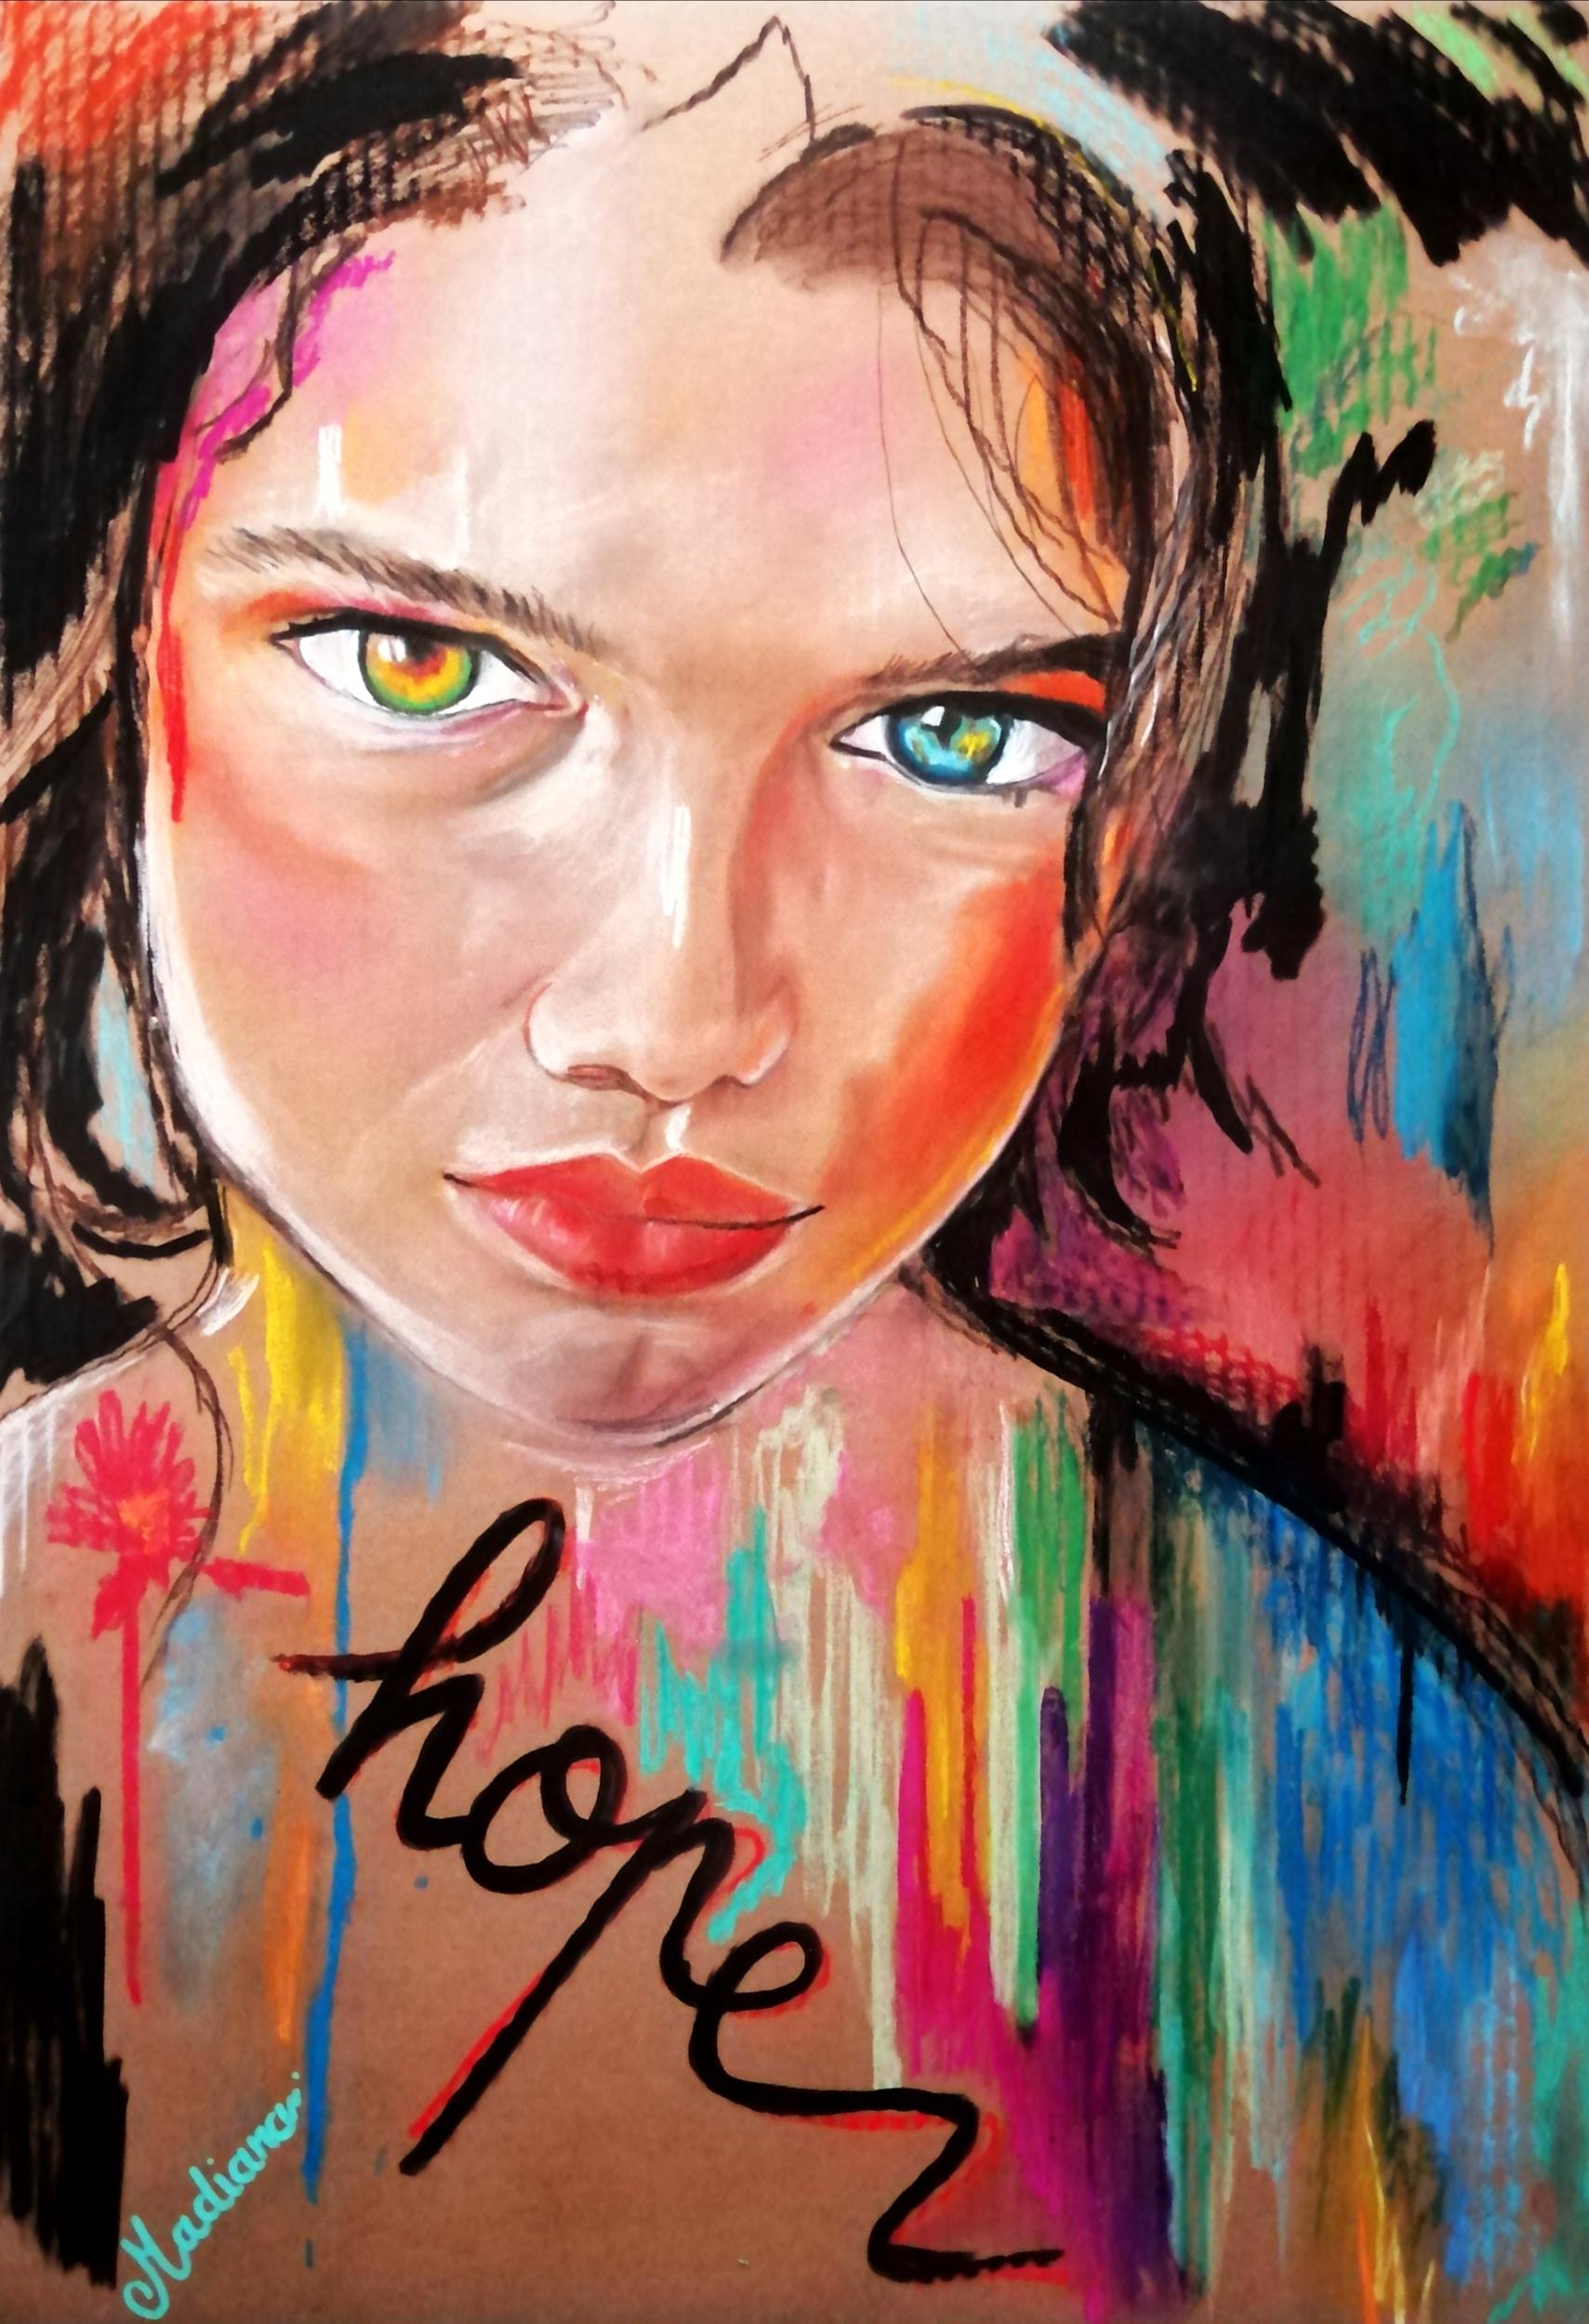 reproduction sur toile art contemporain carton hope visage portrait femme multicolore